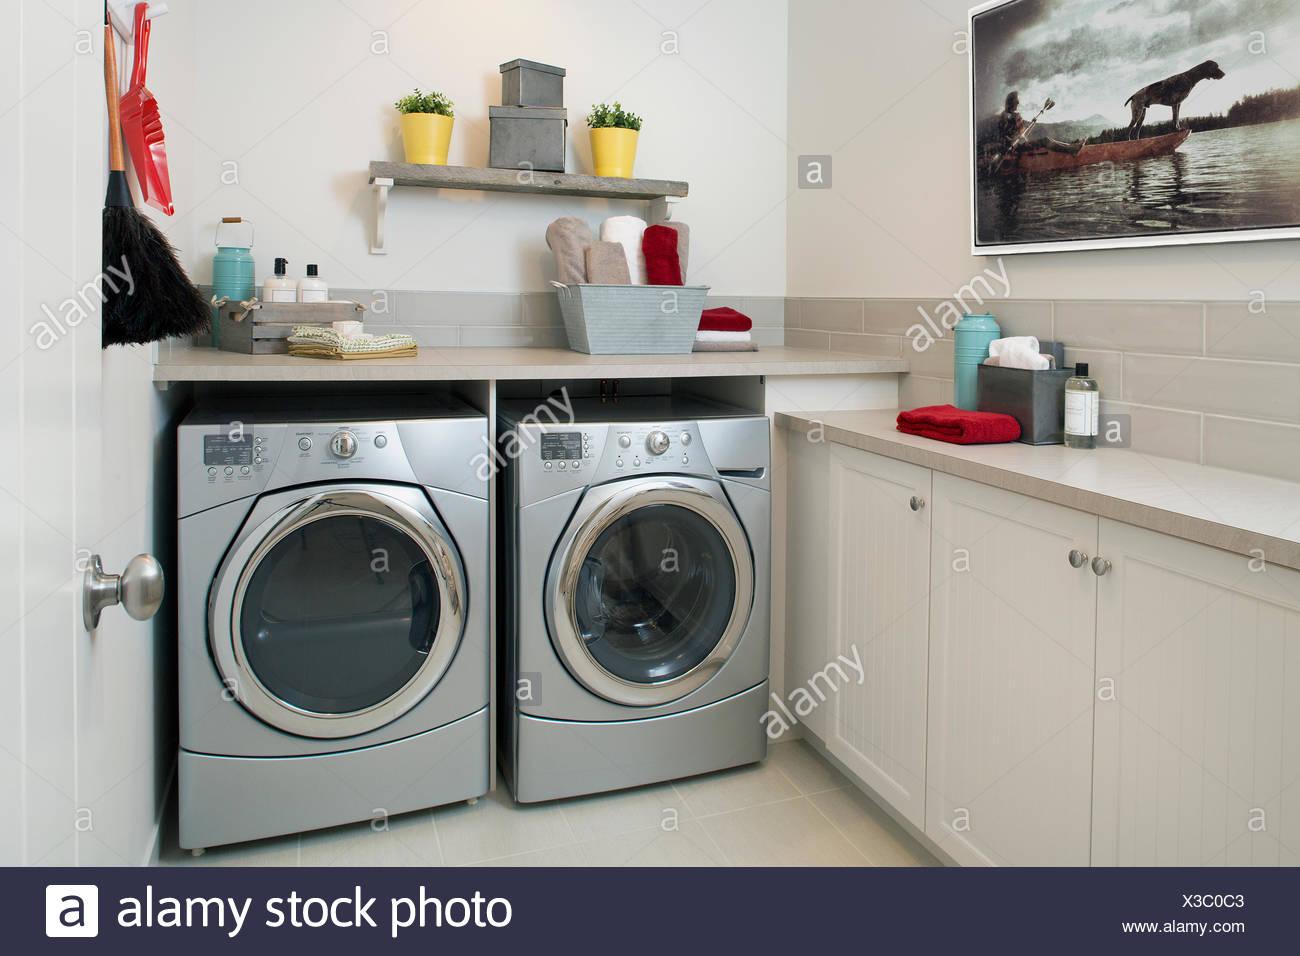 Energía Eficiente lavadora y secadora cuarto de lavandería Foto ...